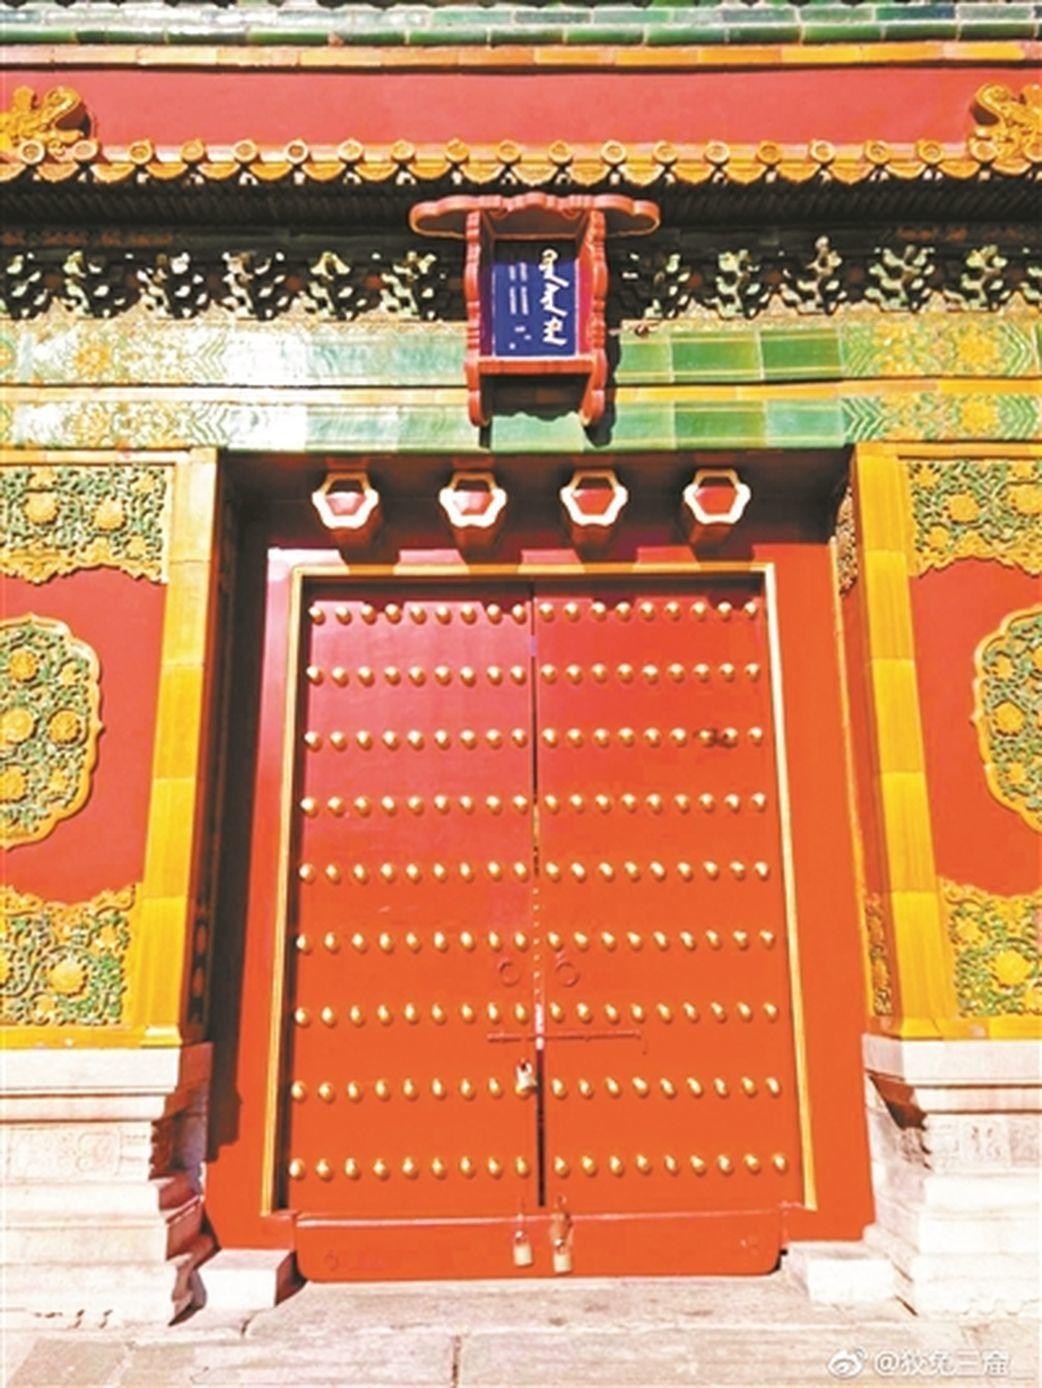 有網友日前披露,在北京故宮參觀時發現,毓慶宮正門前星門上斗匾的漢字不見了,引起一...